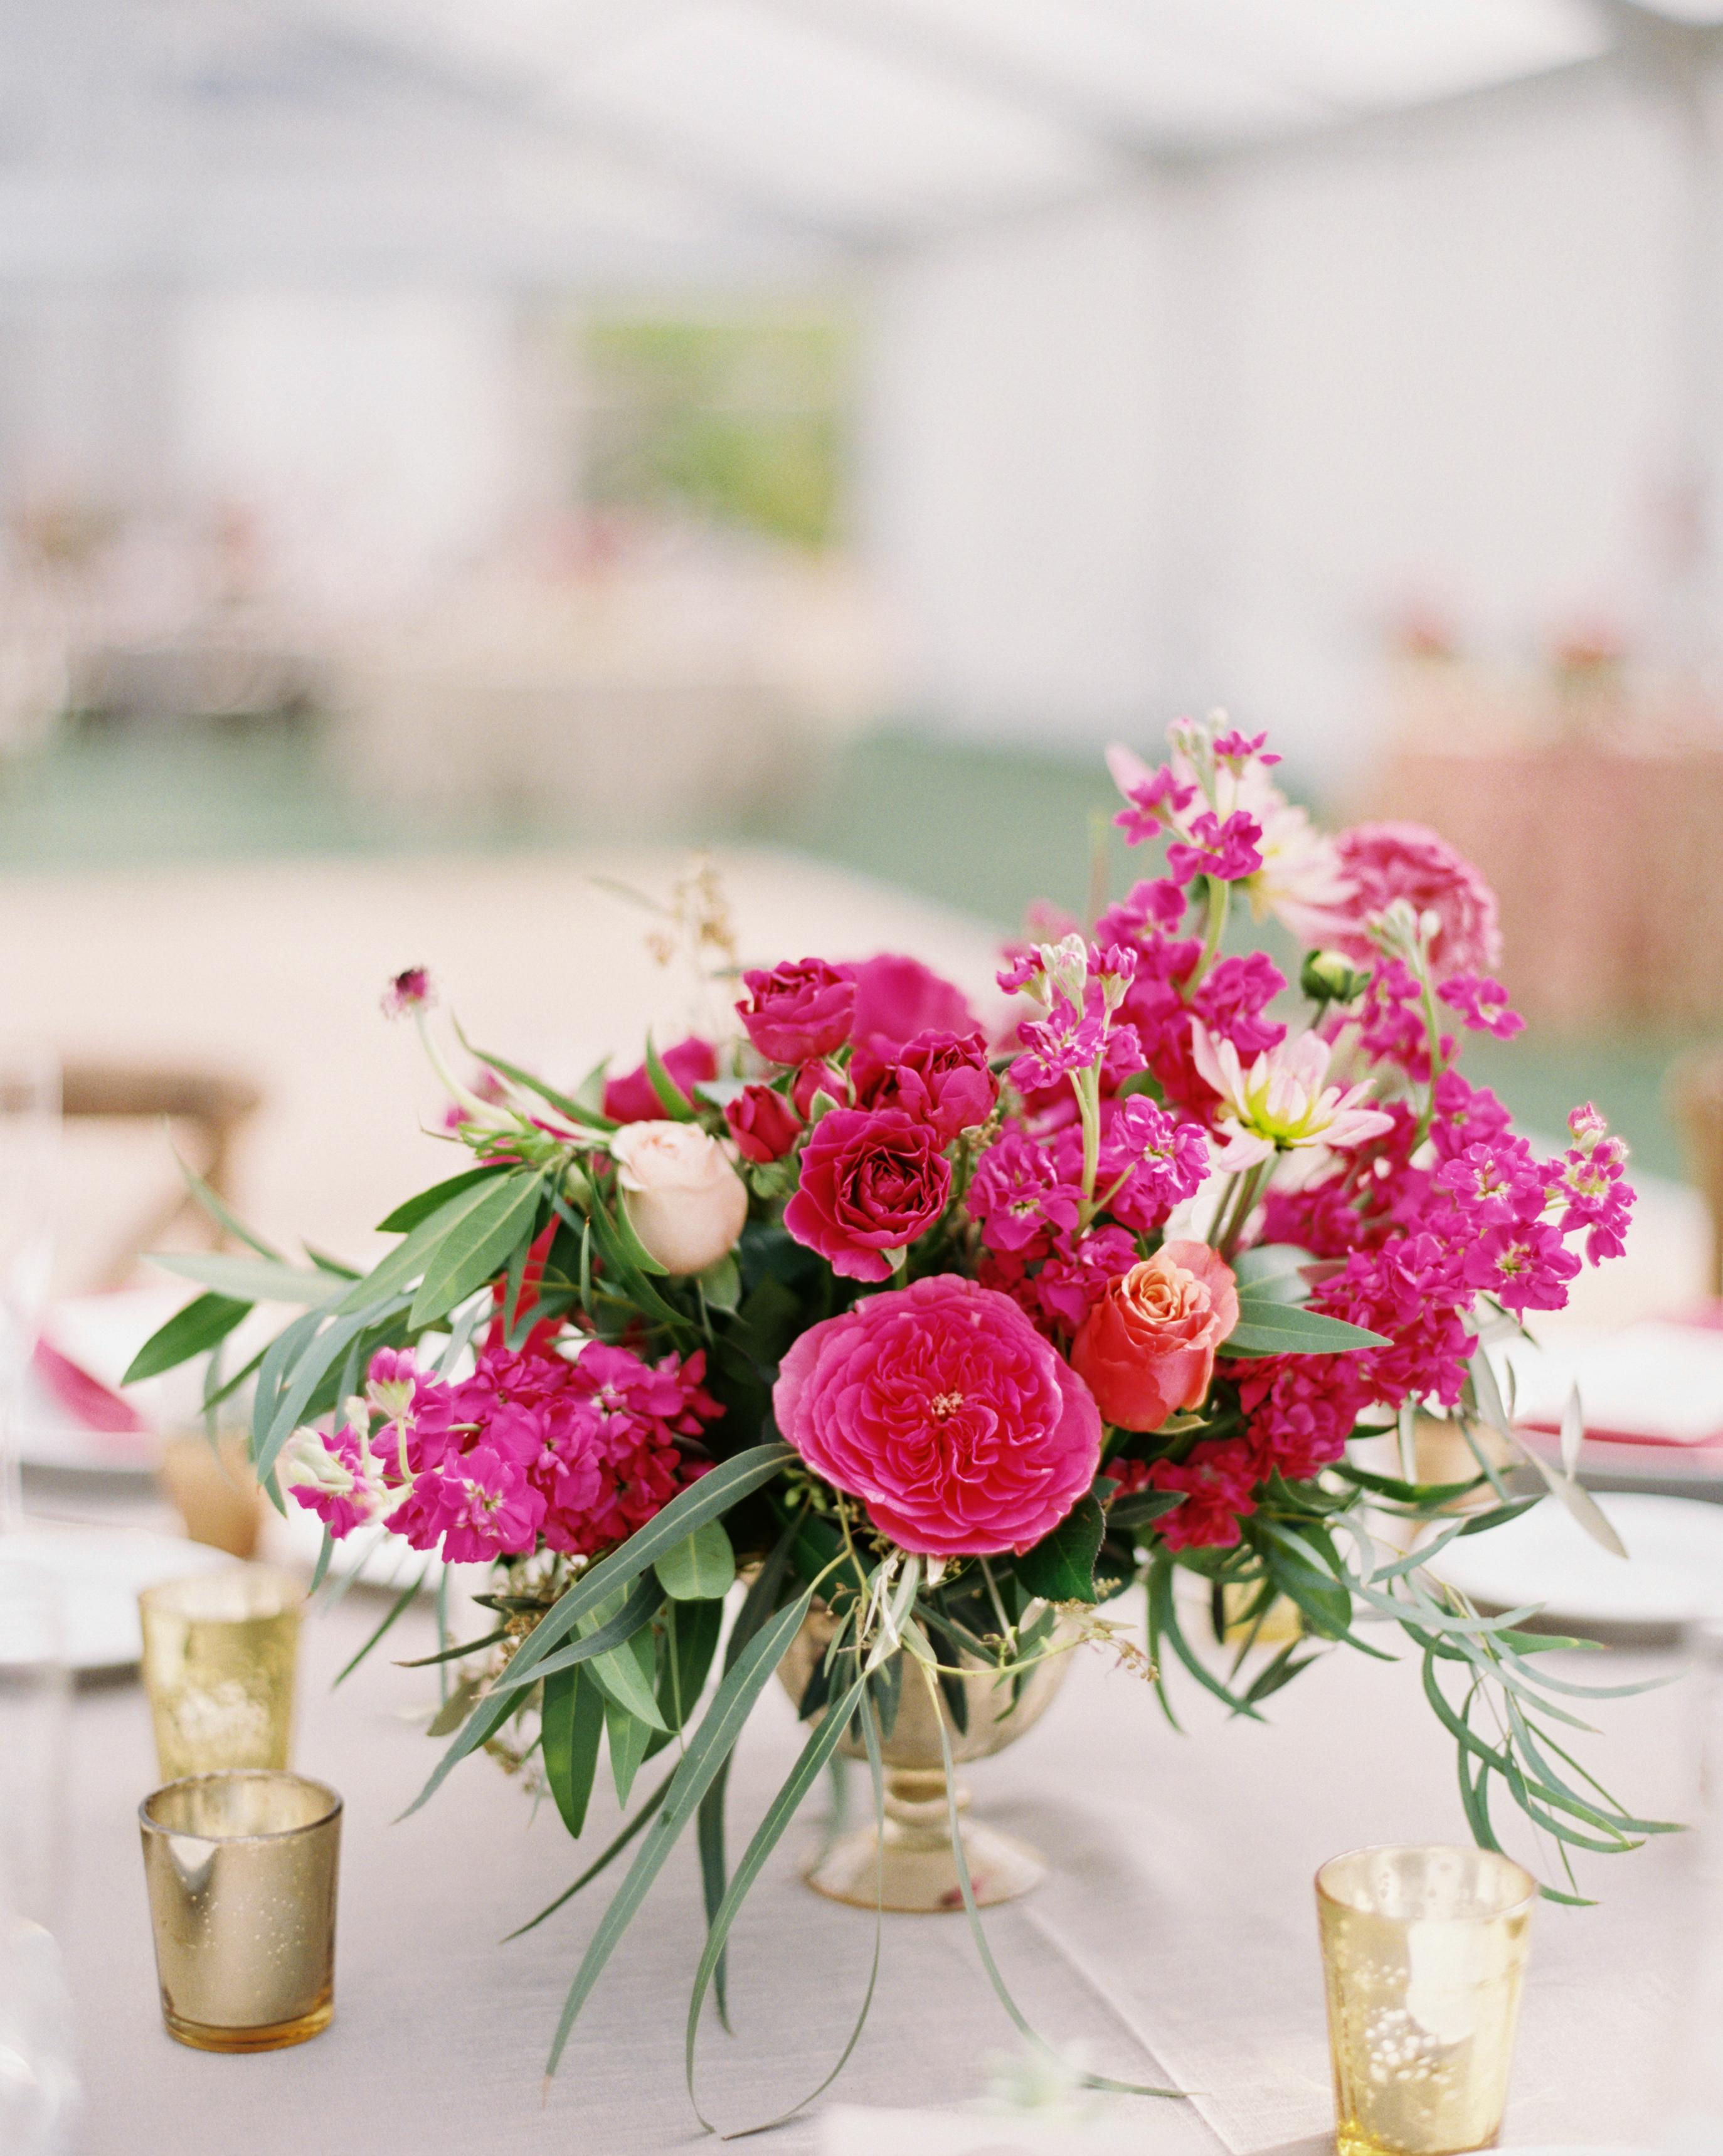 jessejo-daniel-wedding-centerpieces-395-s112302-1015.jpg